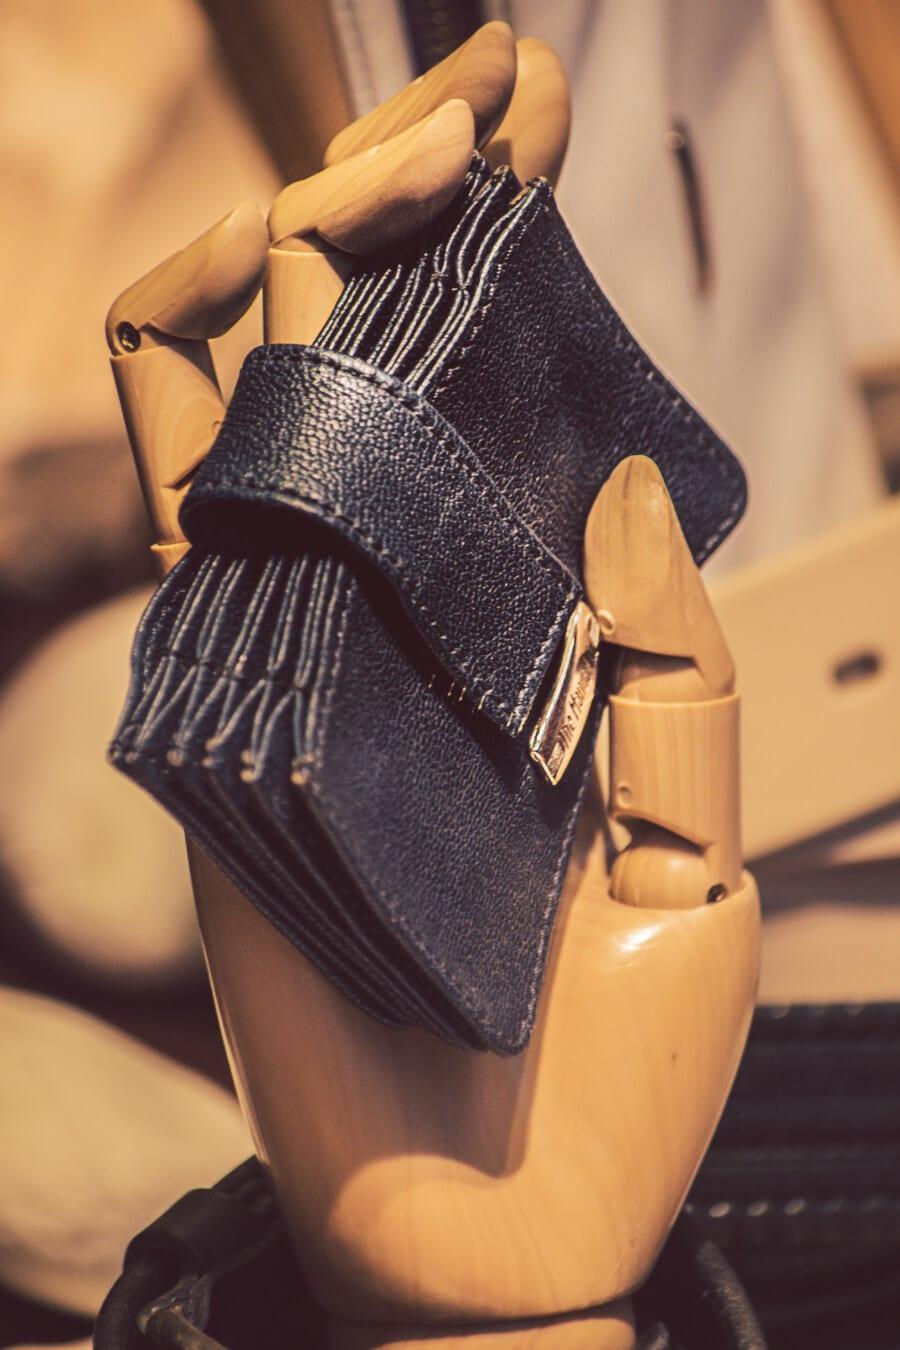 wallet, handmade, merchandise, dark blue, leather, wooden, hand, fashion, luxury, model